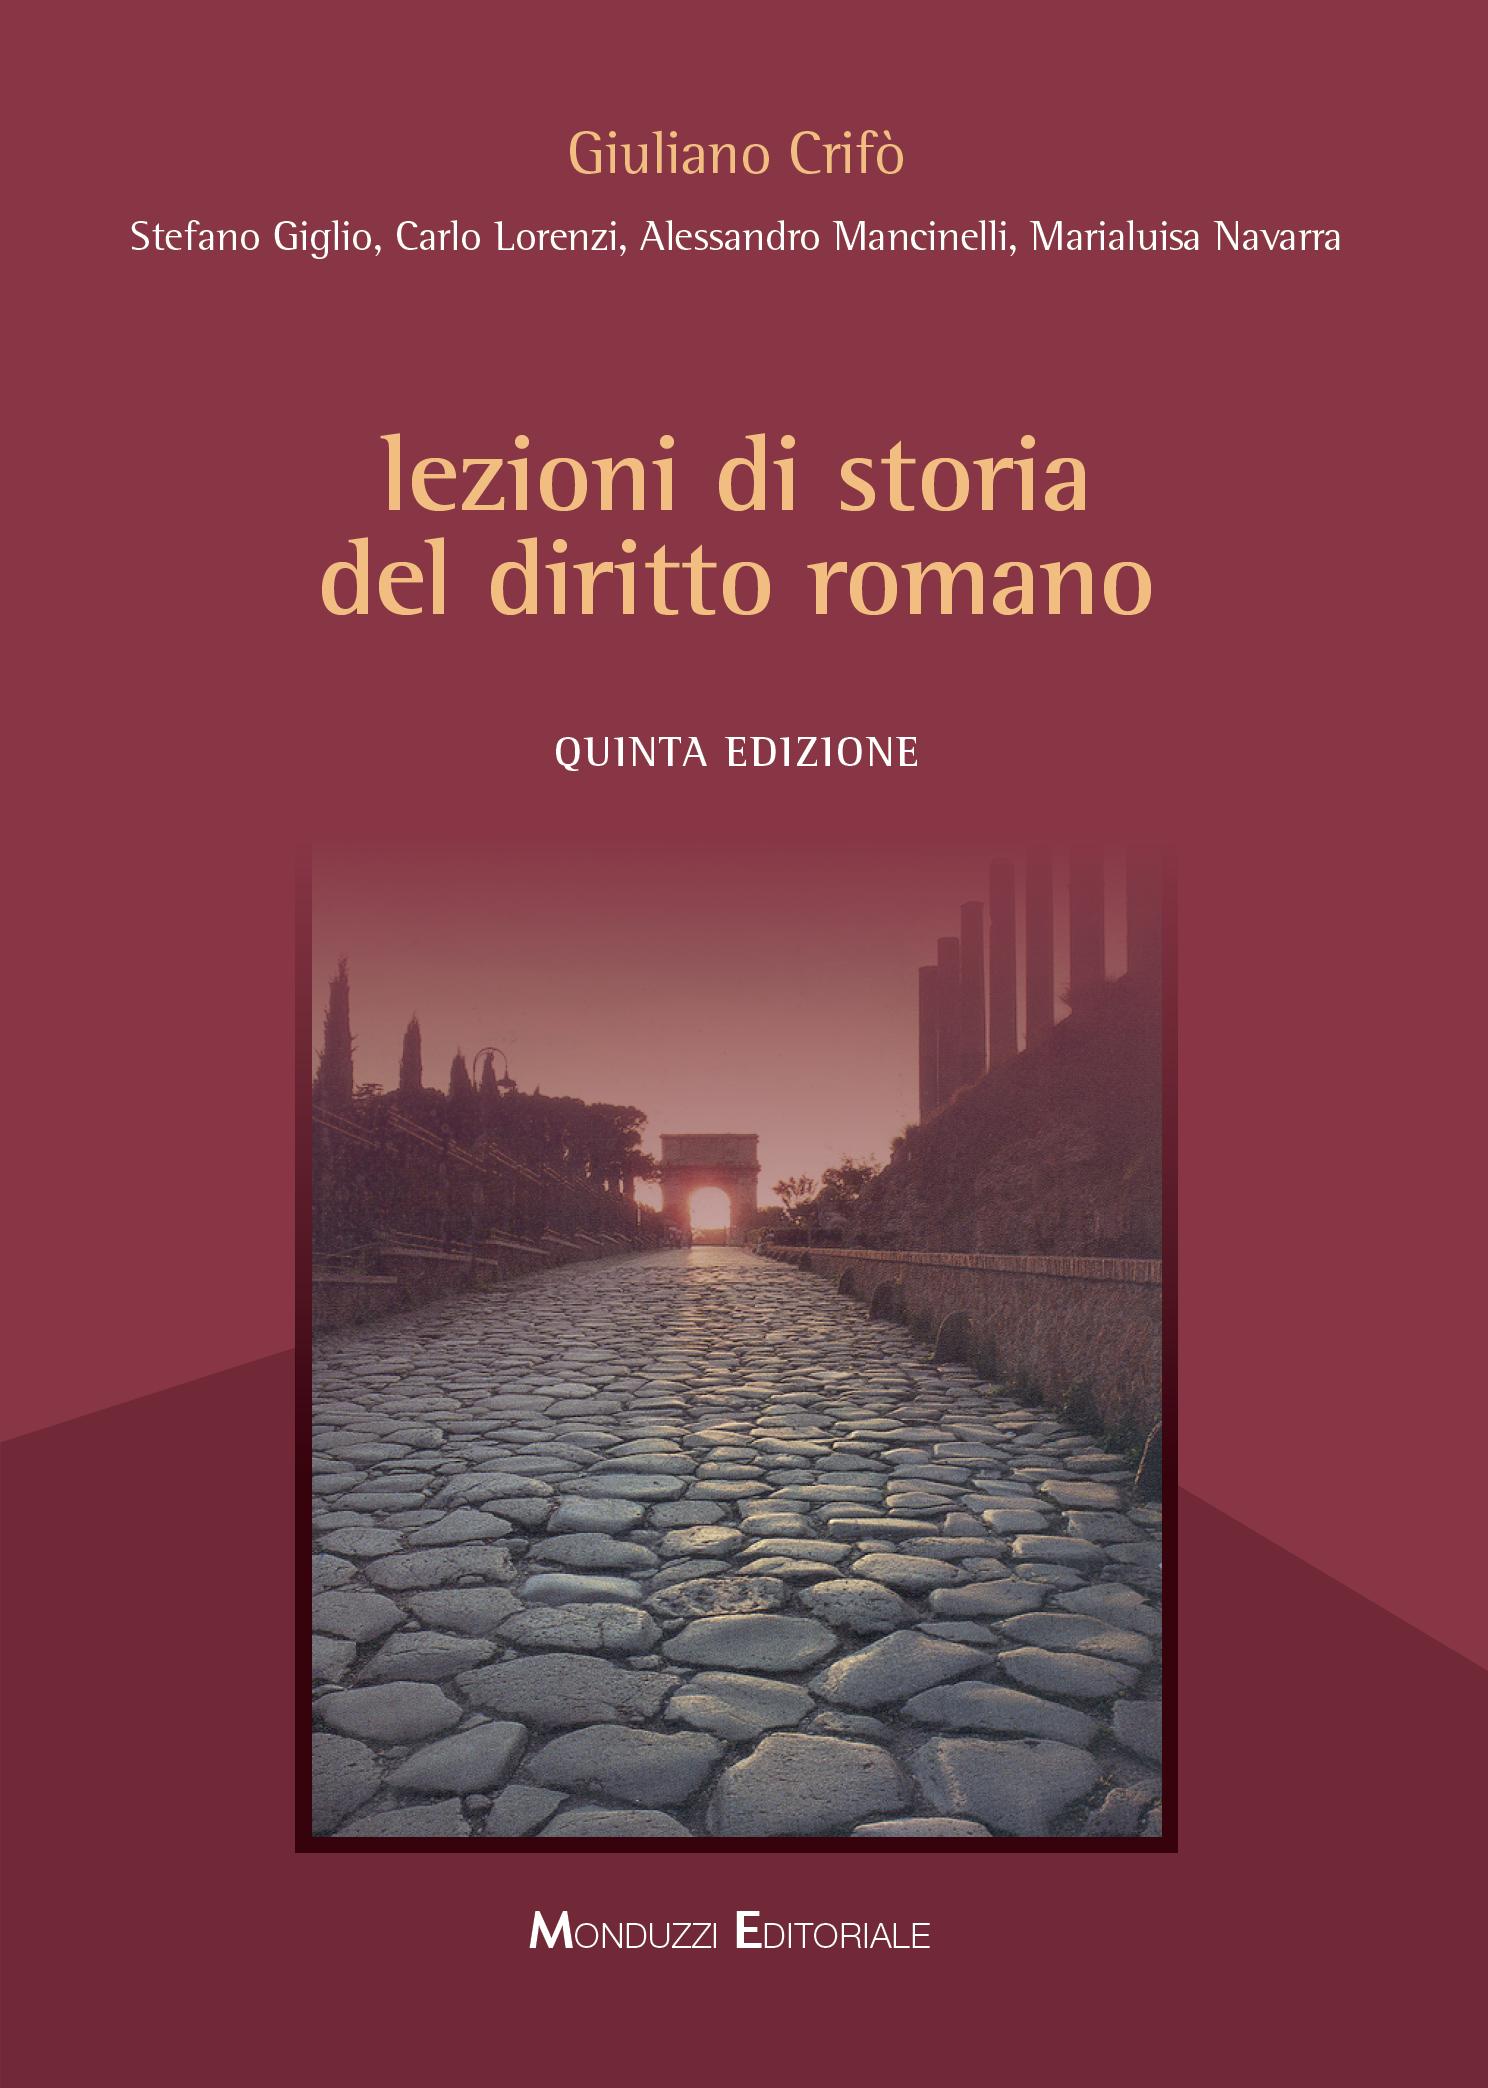 lezioni-storia-diritto-romano-crifò